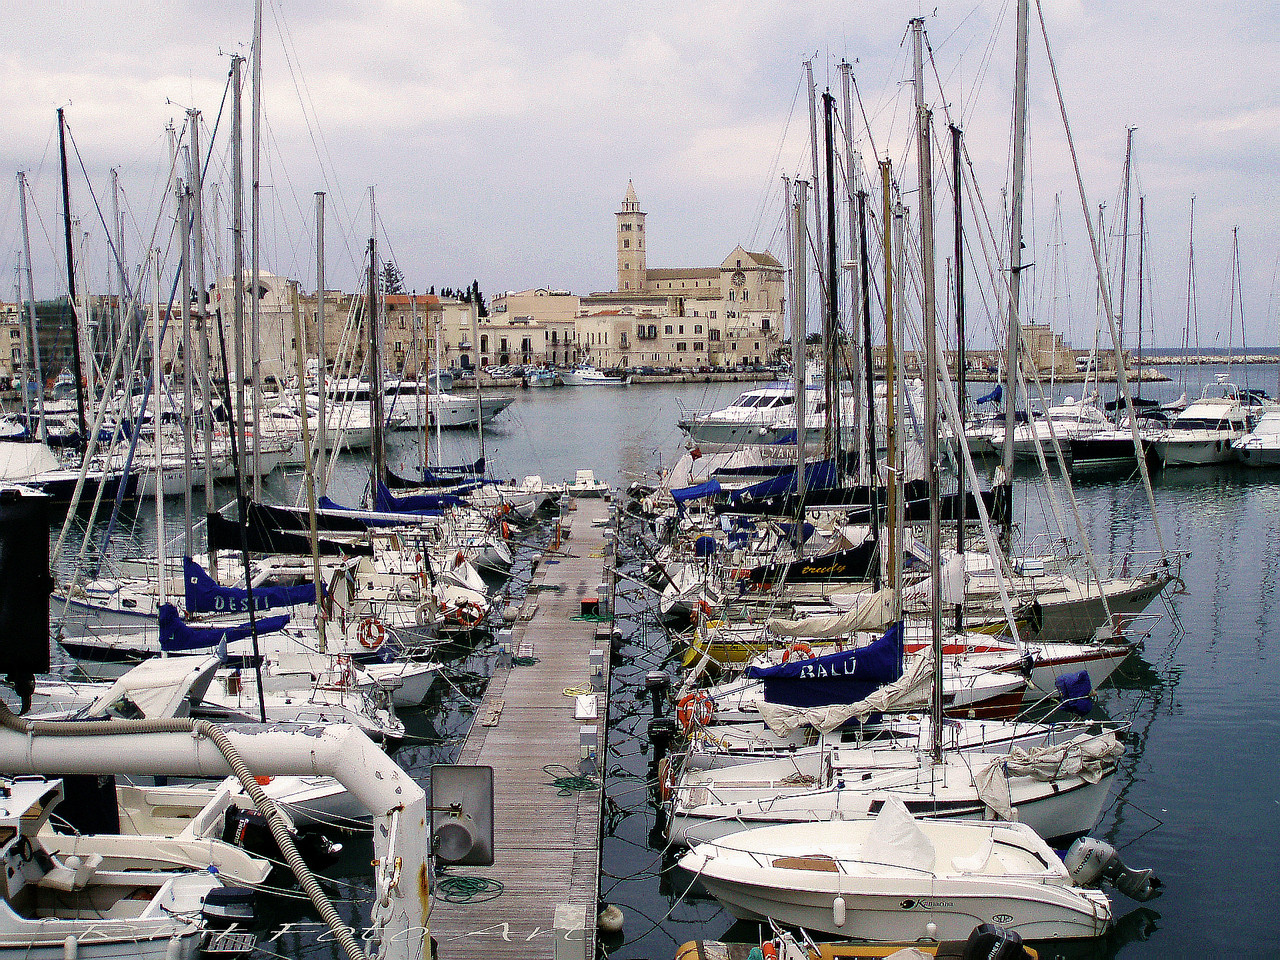 Trani Marina